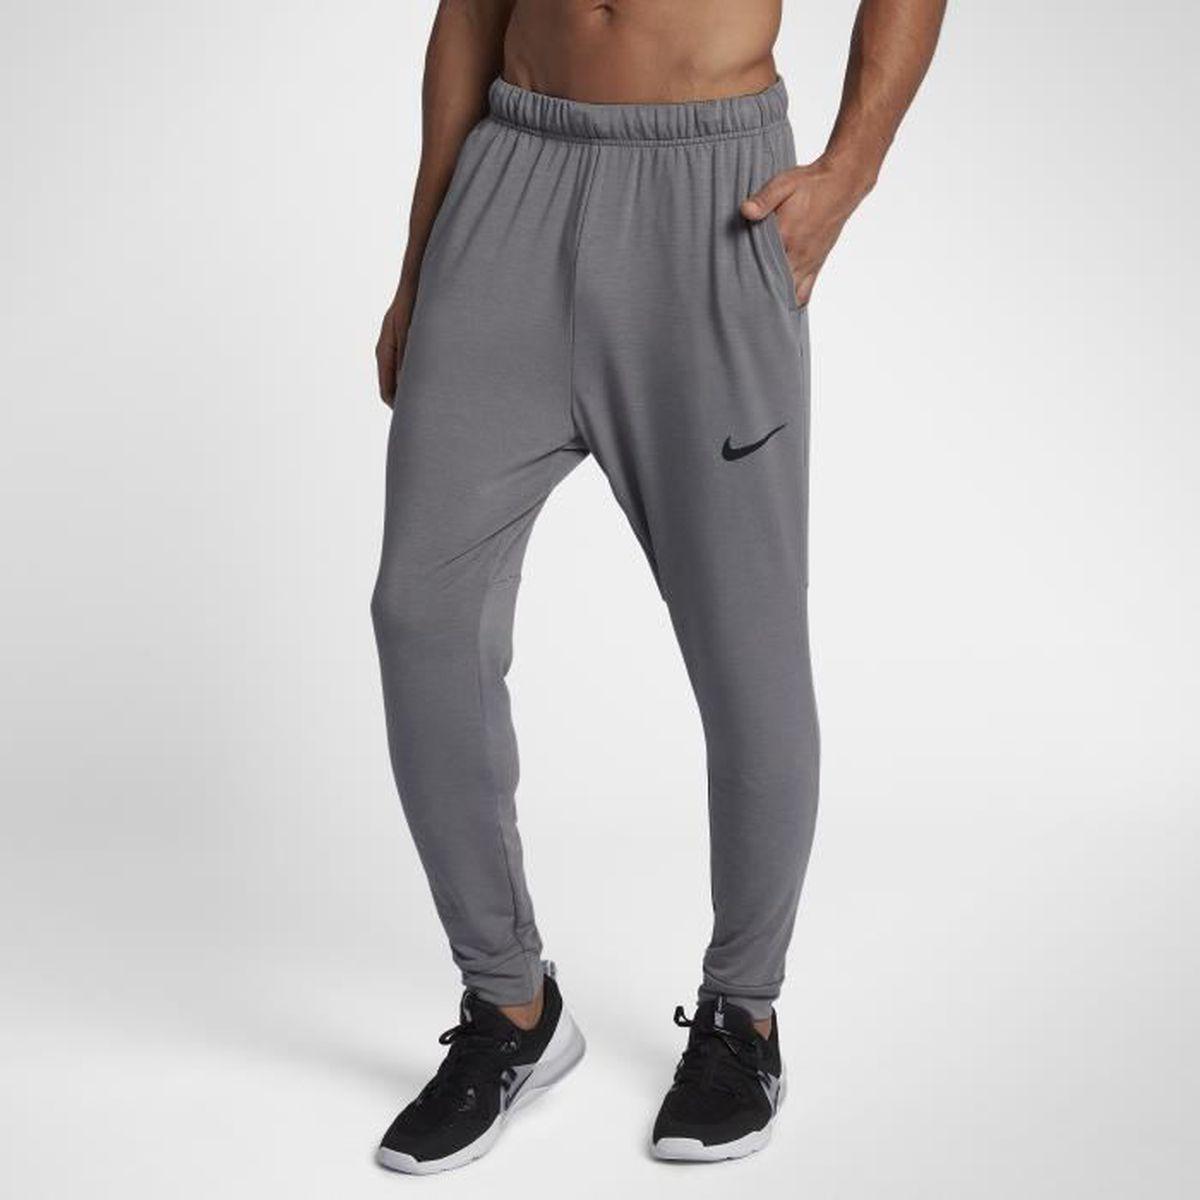 036 Athlétique Gris Xxl Trousers Nike Long Training 889393 gp5xqT